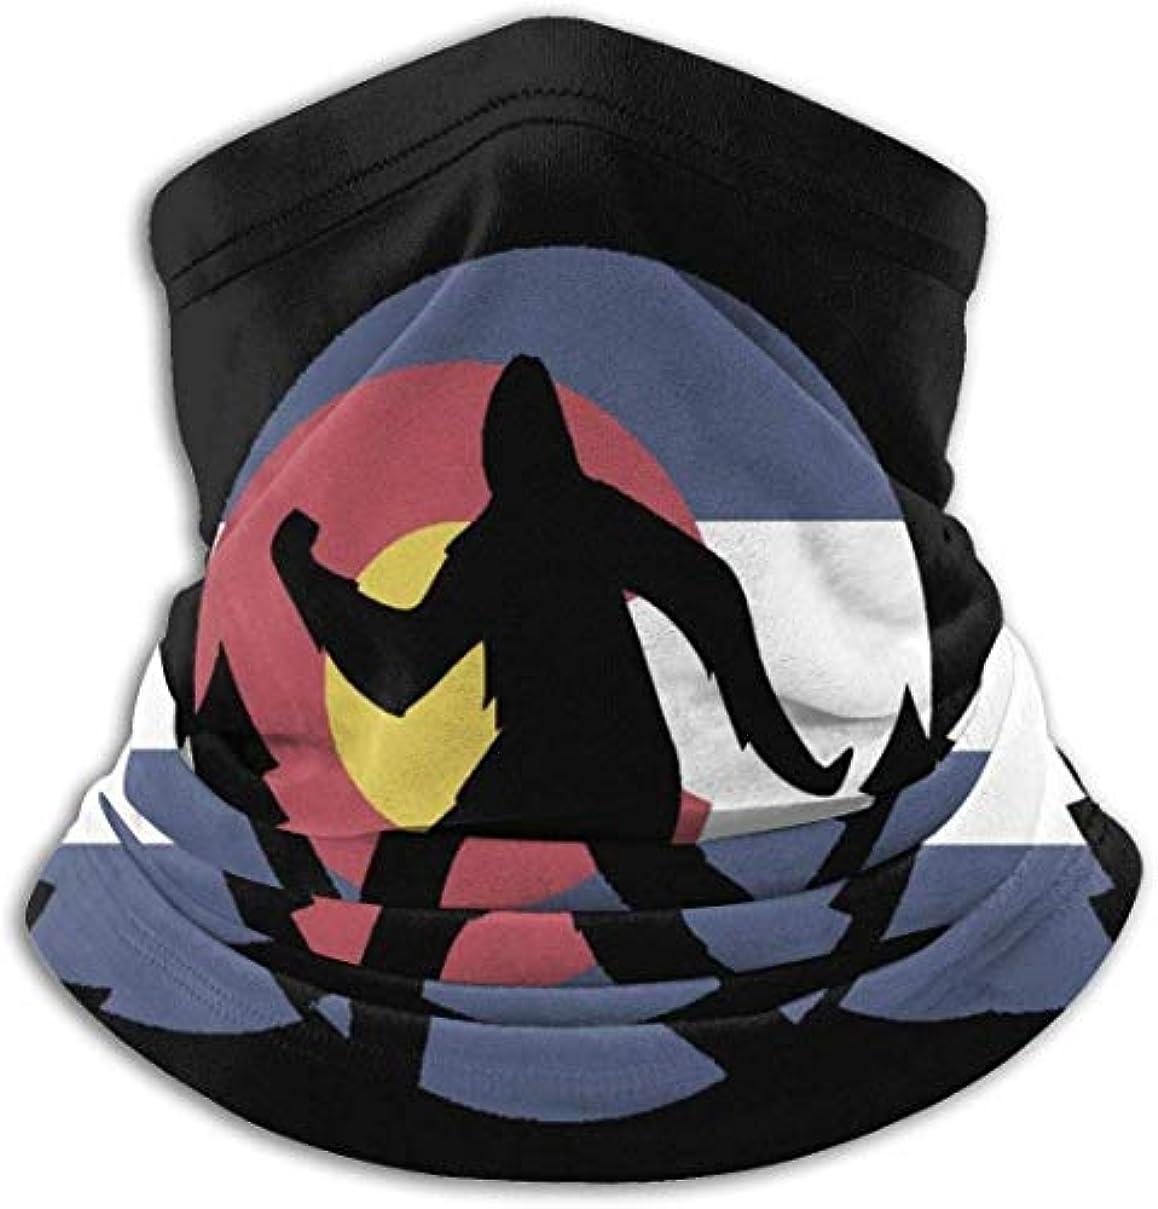 。体細胞膨らませるコロラド州ビッグフットフラグ ネック暖かいスカーフ サーマルネックスカーフ マイクロファイバーネックウォーマー ネックウォーマー マフラー 帽子 ヘッドバンド 秋冬 防寒 防風 キャップ 多機能 ネック ゲーター 男女兼用